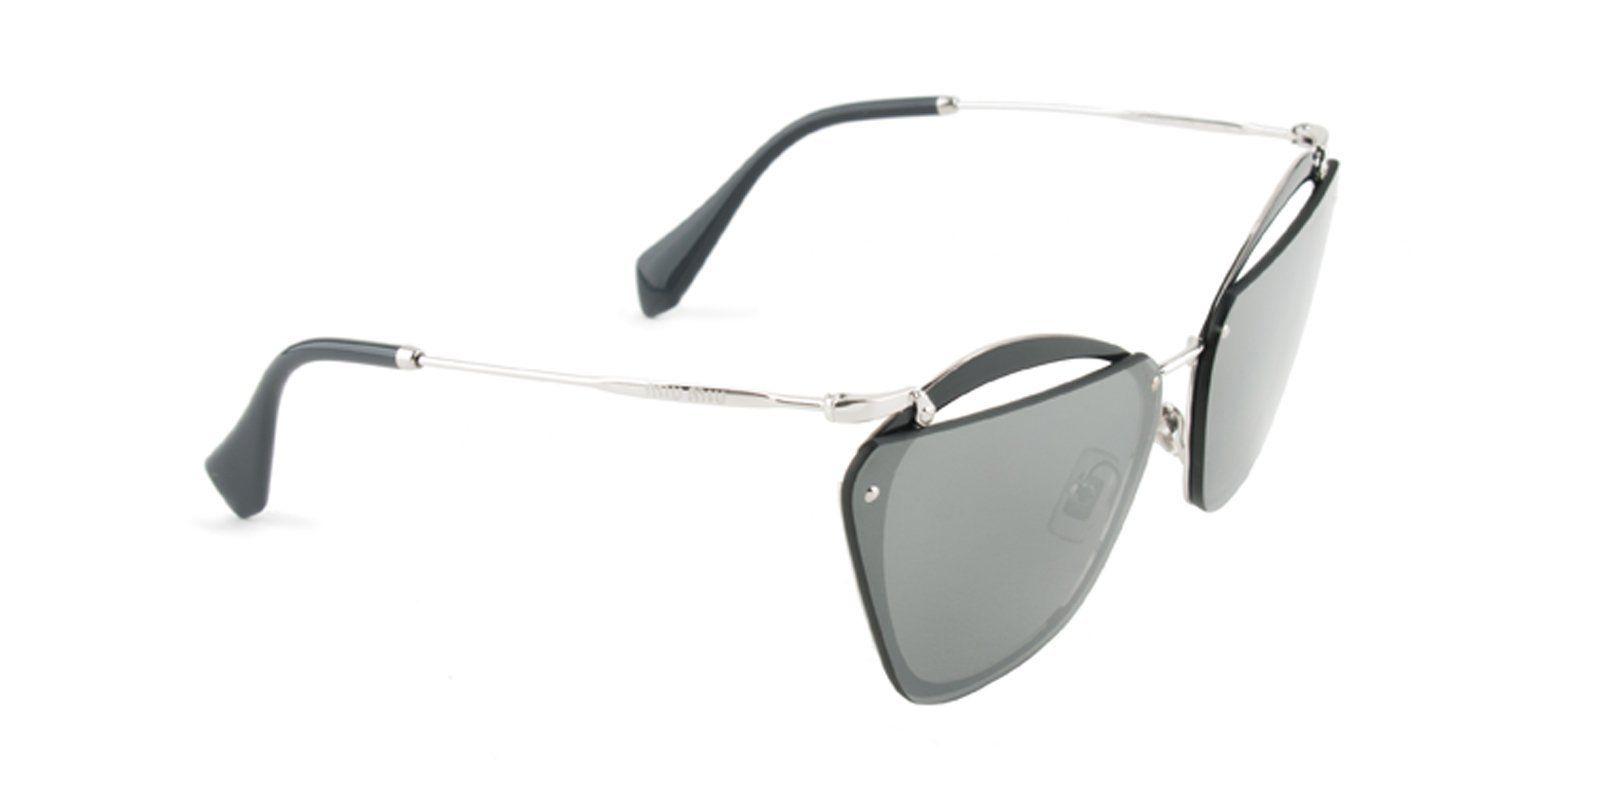 6a14817e1dc7 Miu Miu - MU54TS Gray Silver - Gray sunglasses